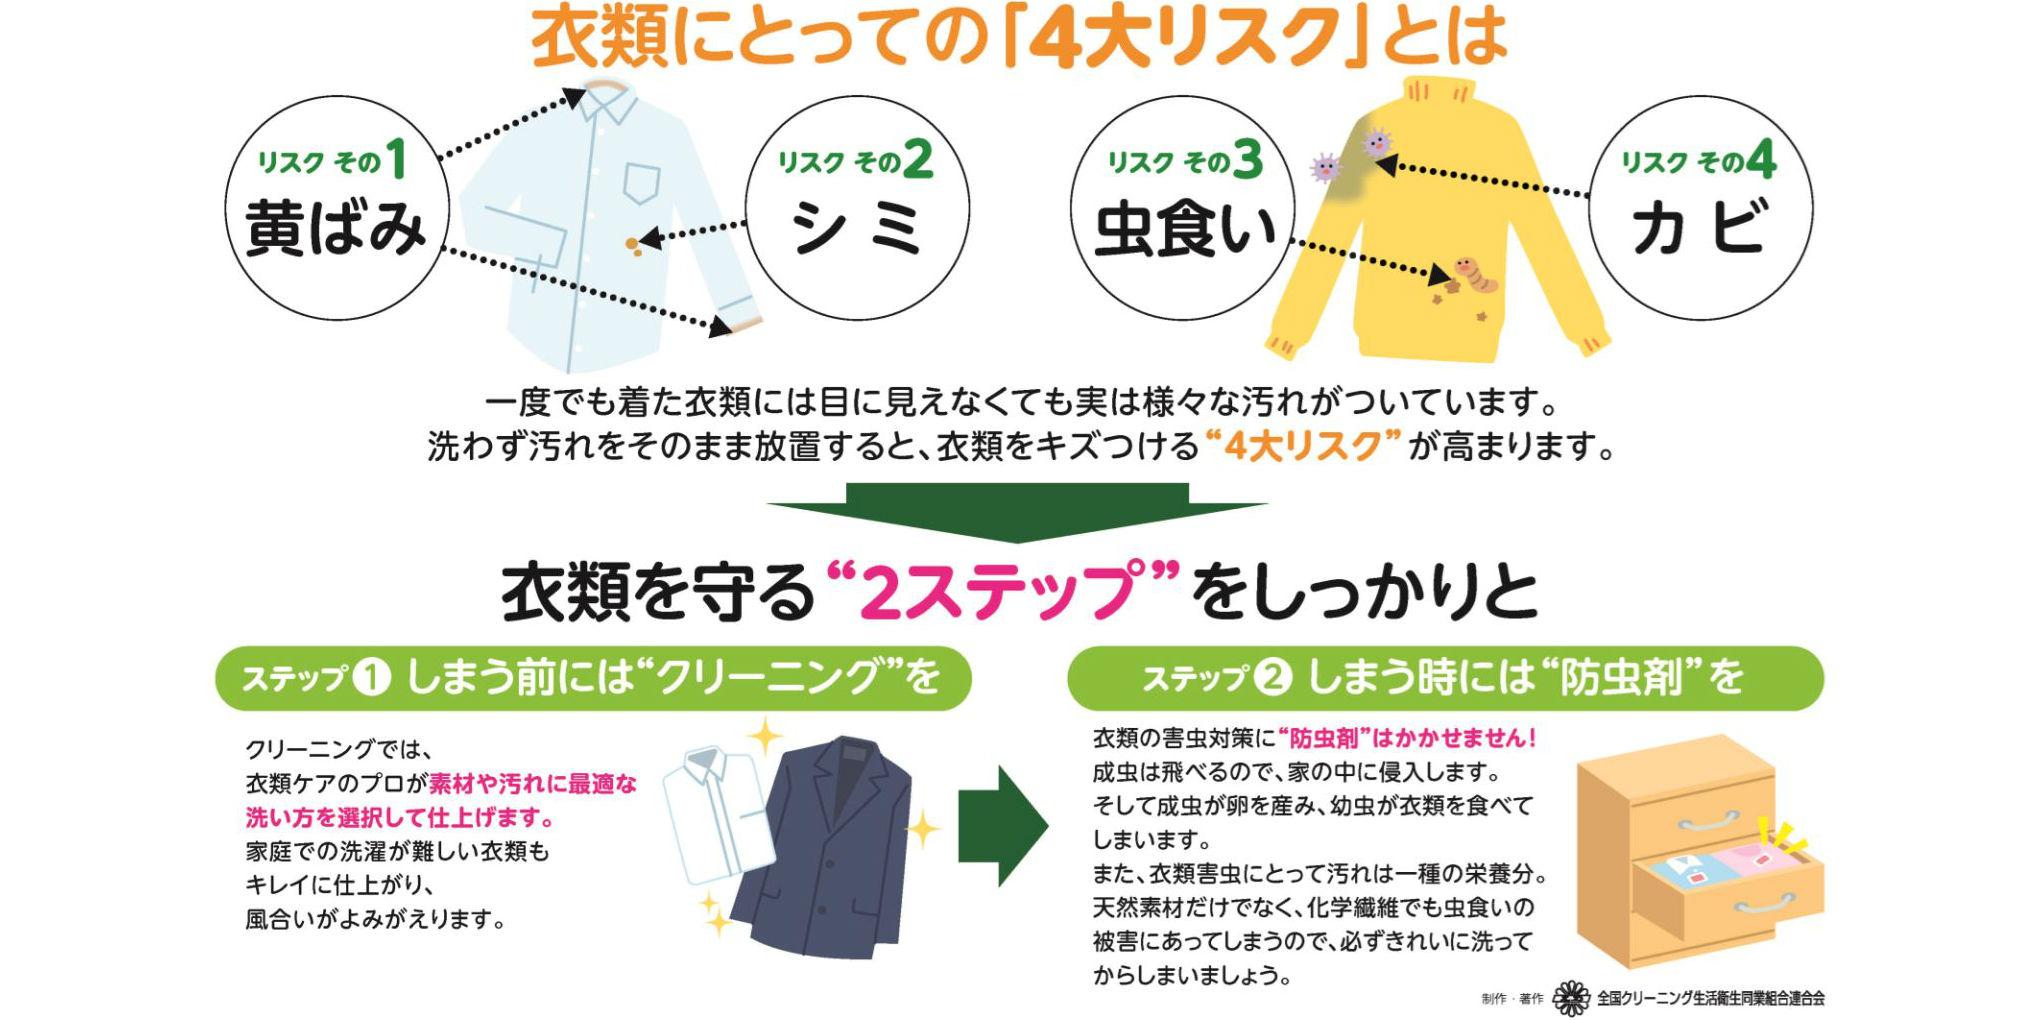 衣替え・衣類のケア情報